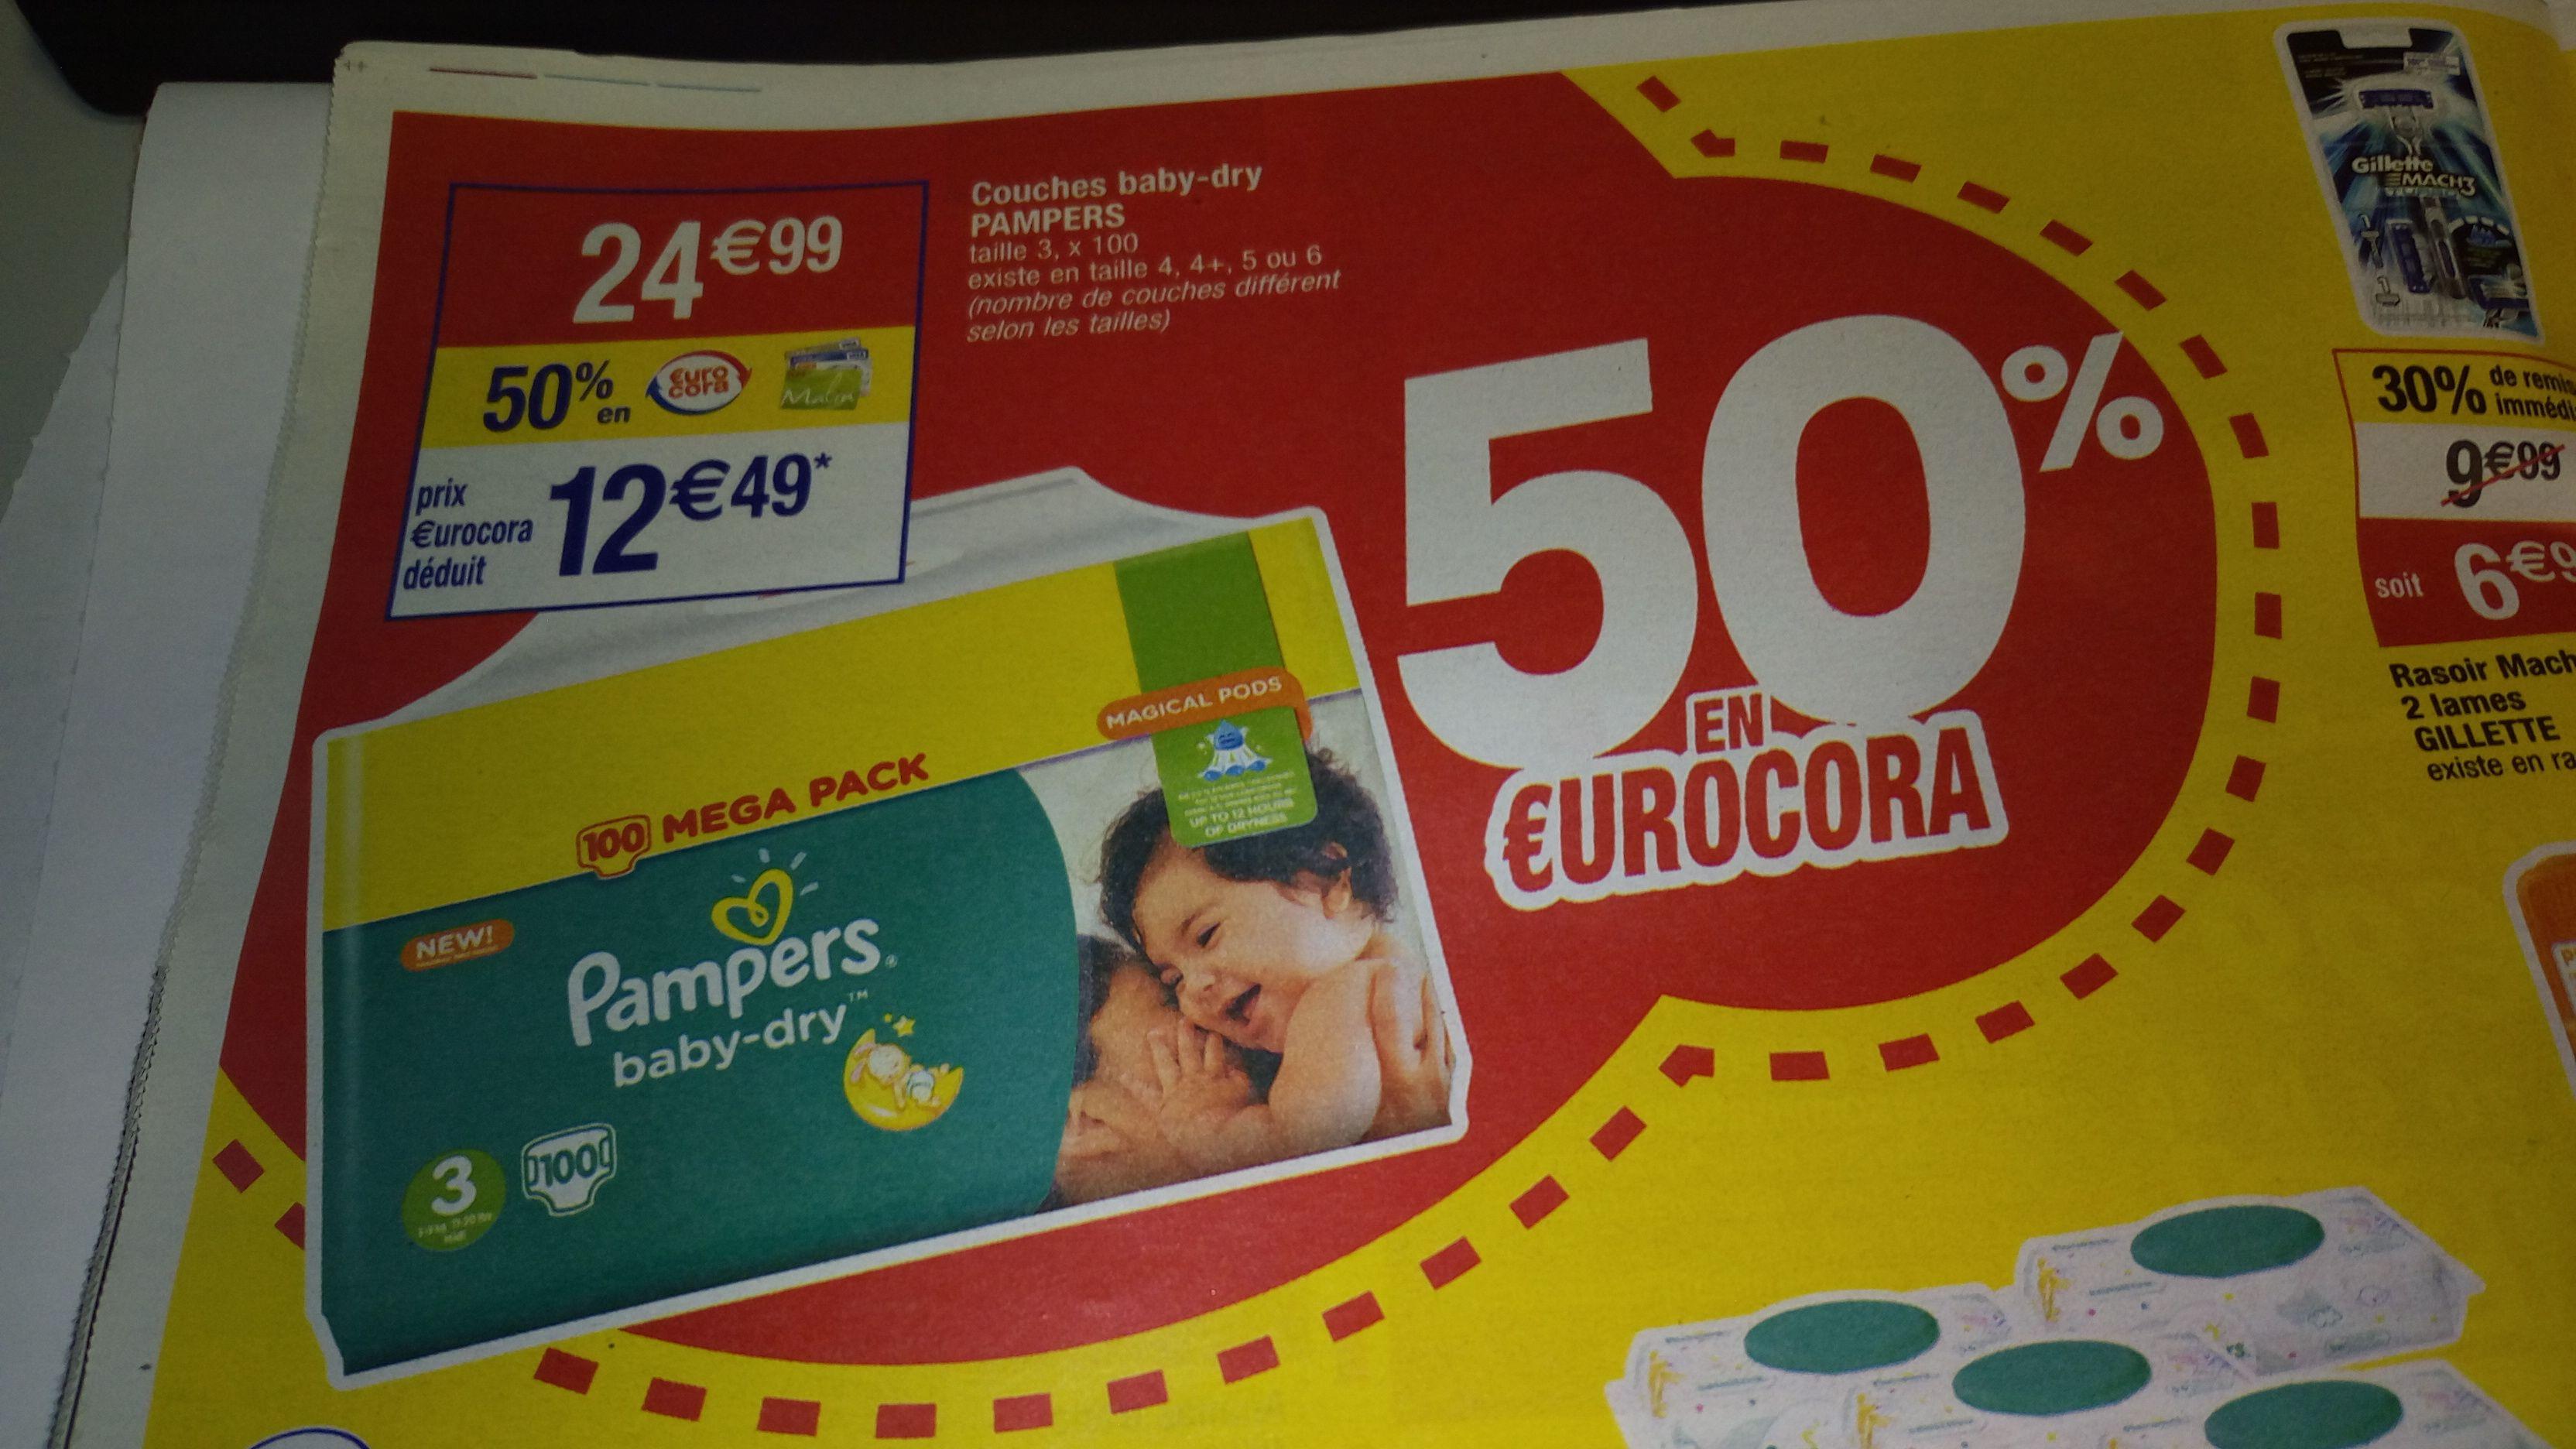 Paquet de couches Pampers Baby-Dry - différentes tailles (via BDR + 12.5€ en €uroCora)